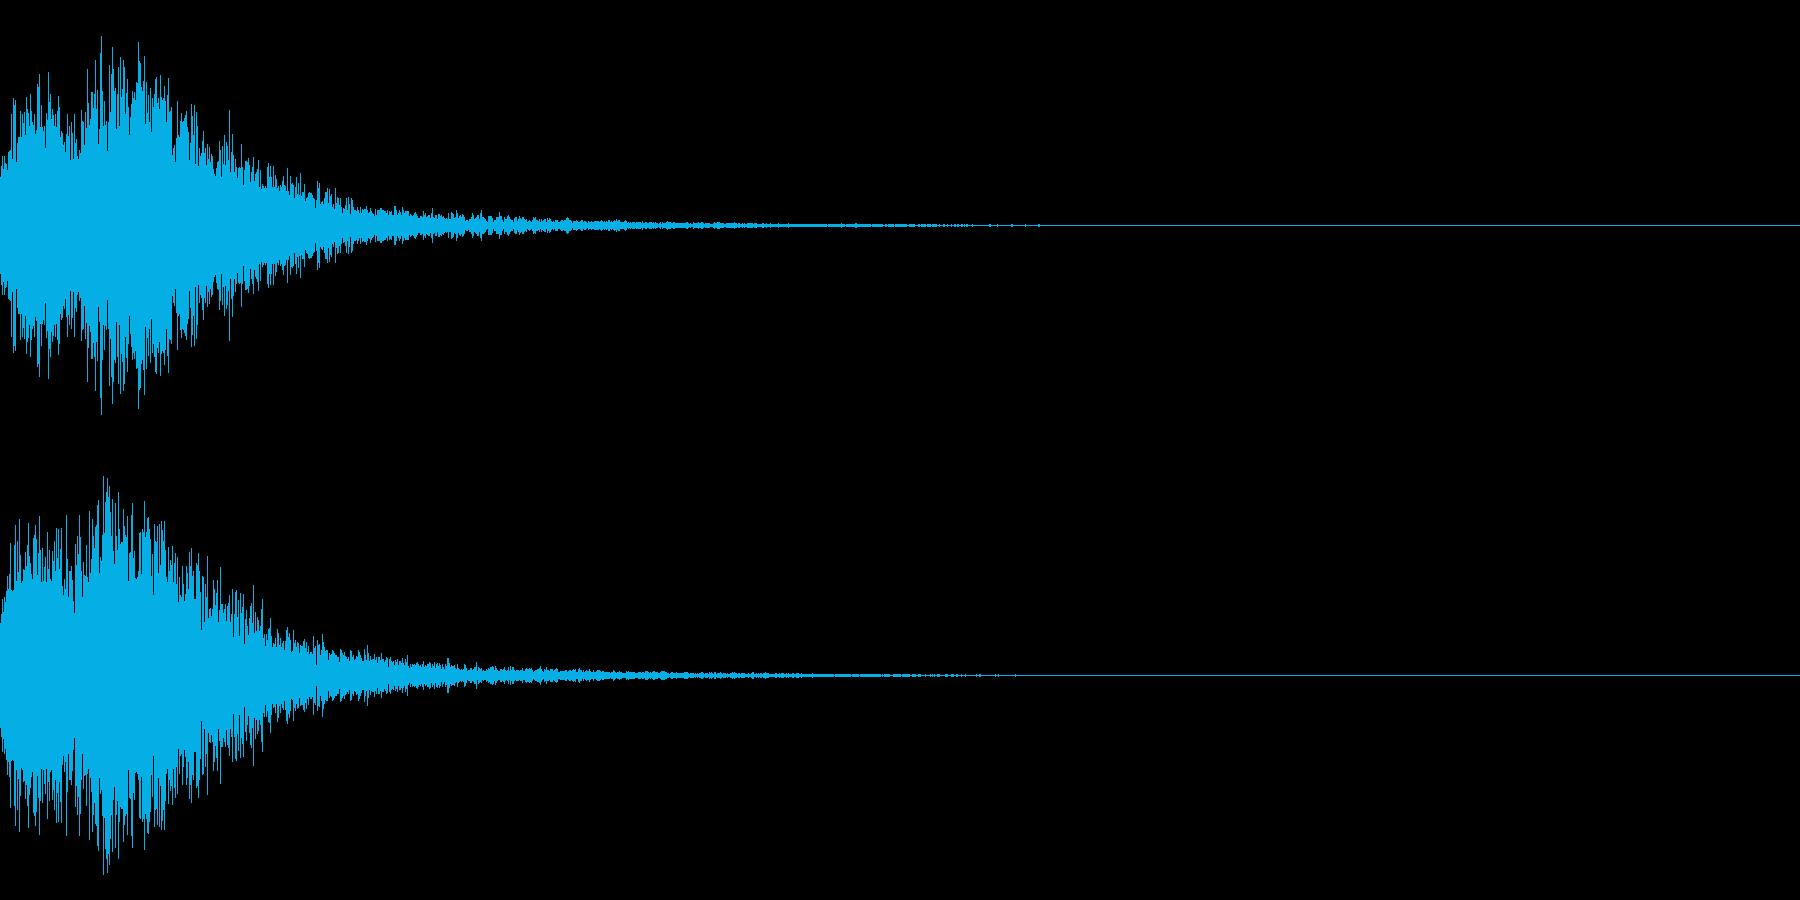 デデーン♪オーケストラヒット!効果音2cの再生済みの波形